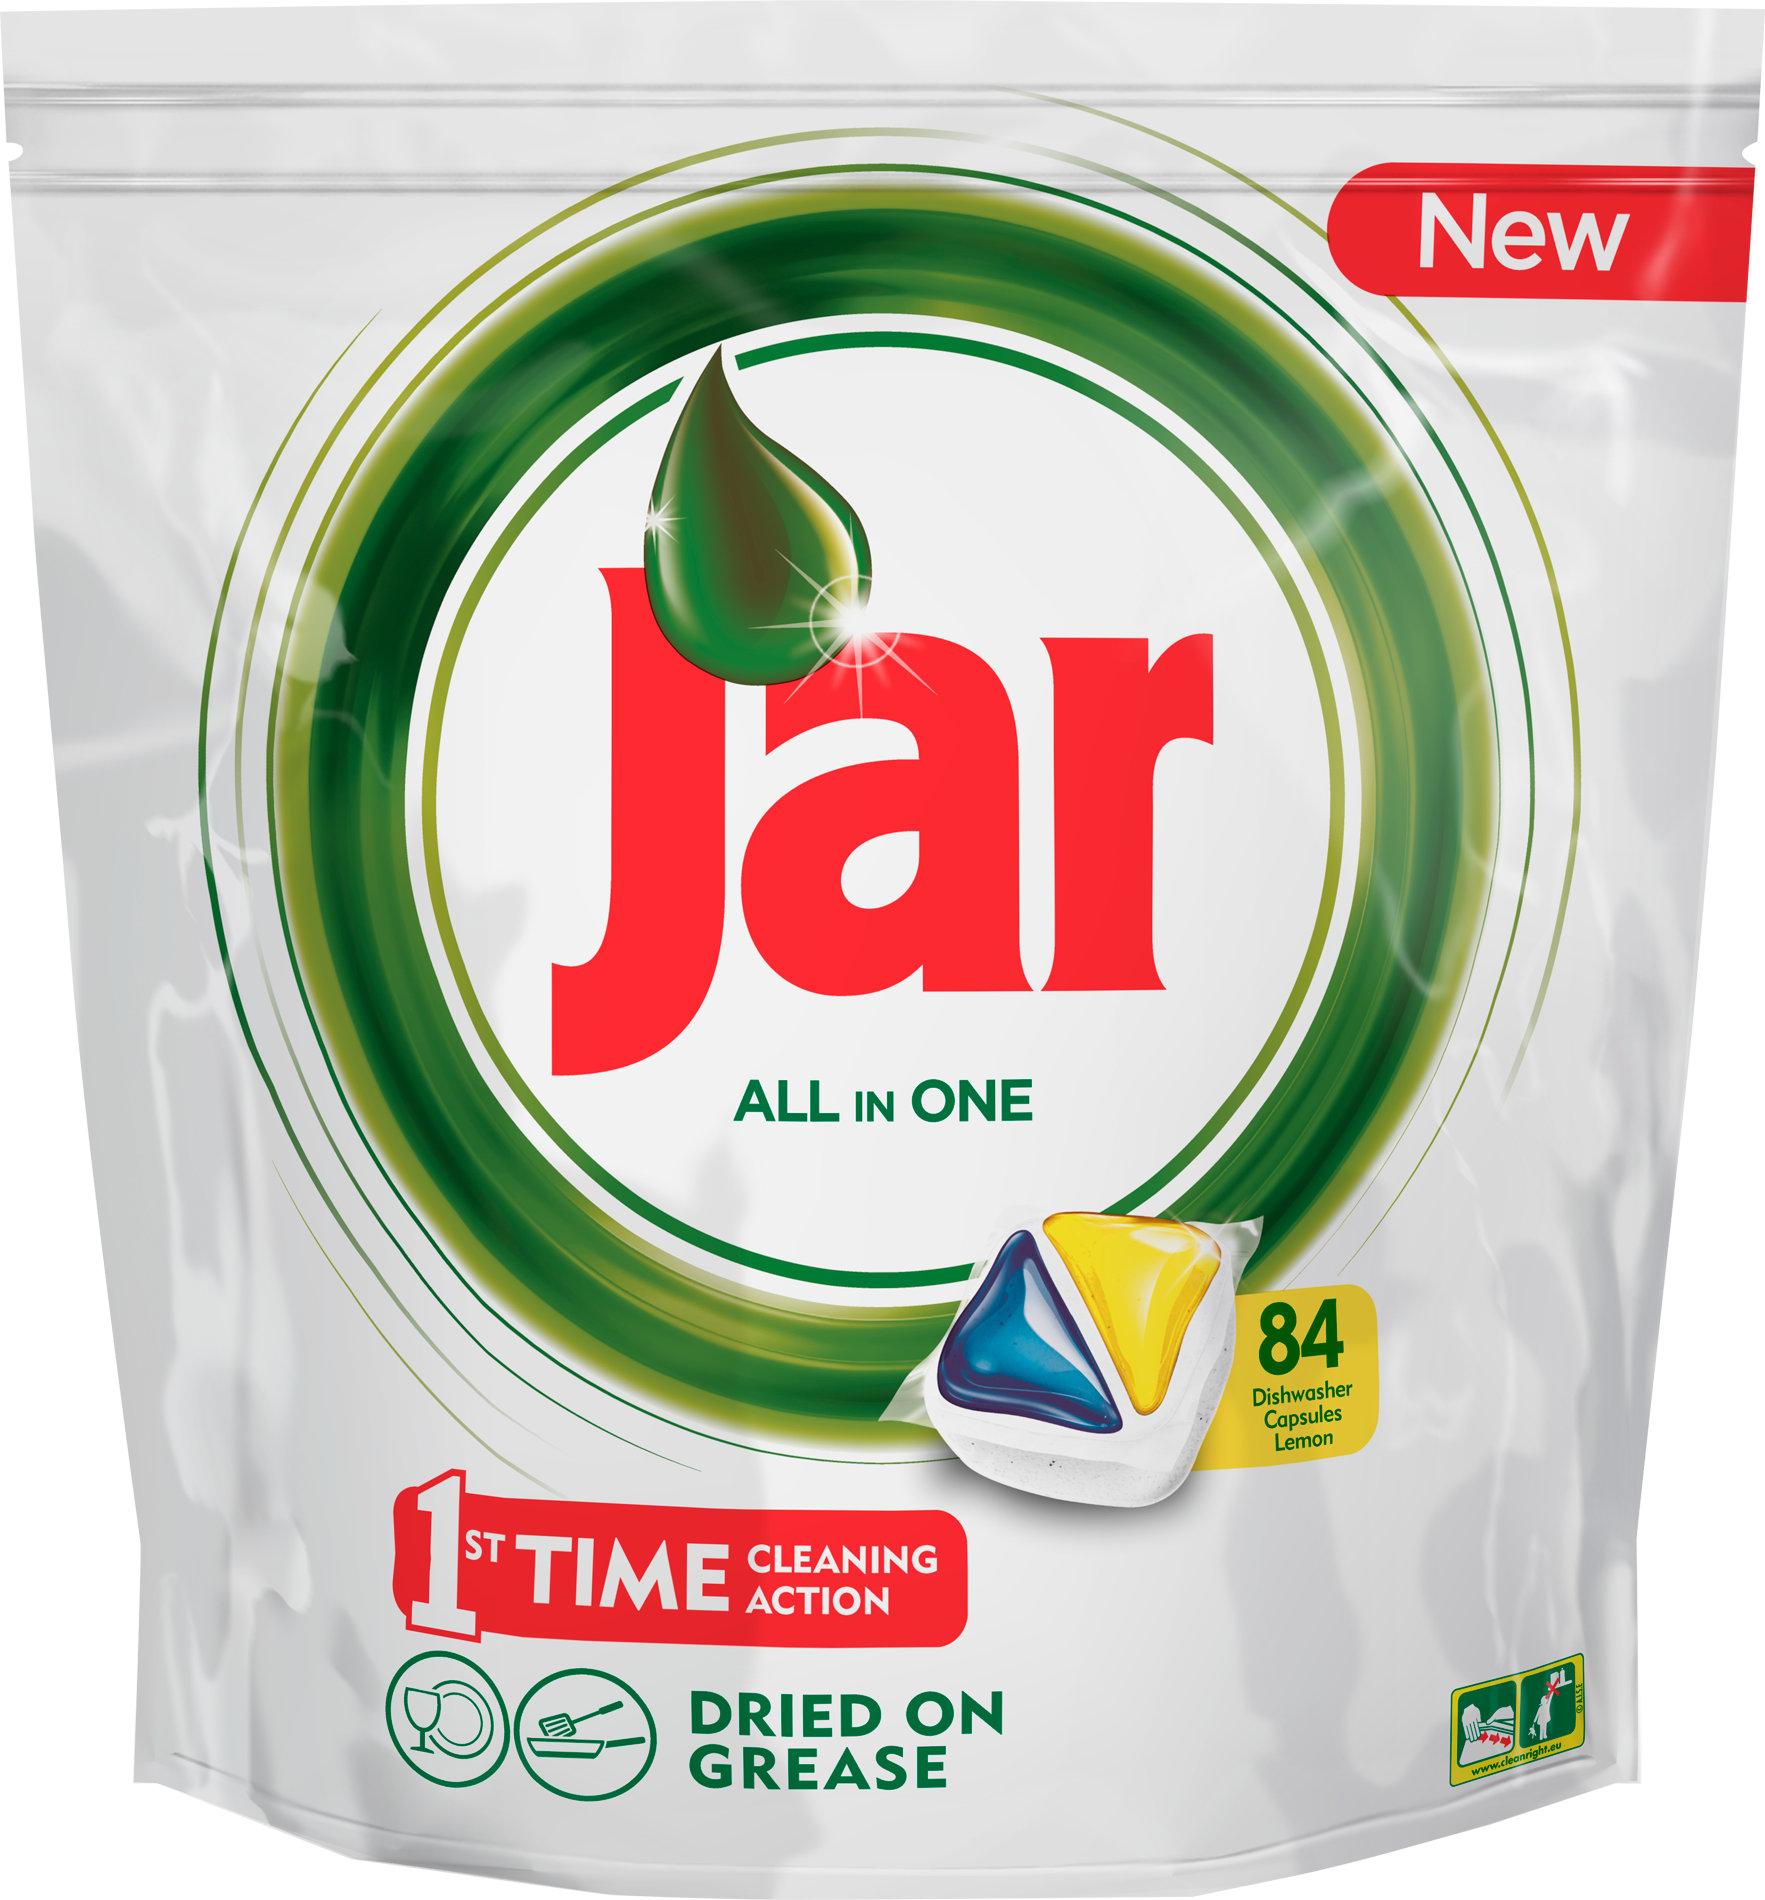 Jar All in One Lemon kapsle do myčky nádobí 84 kusů